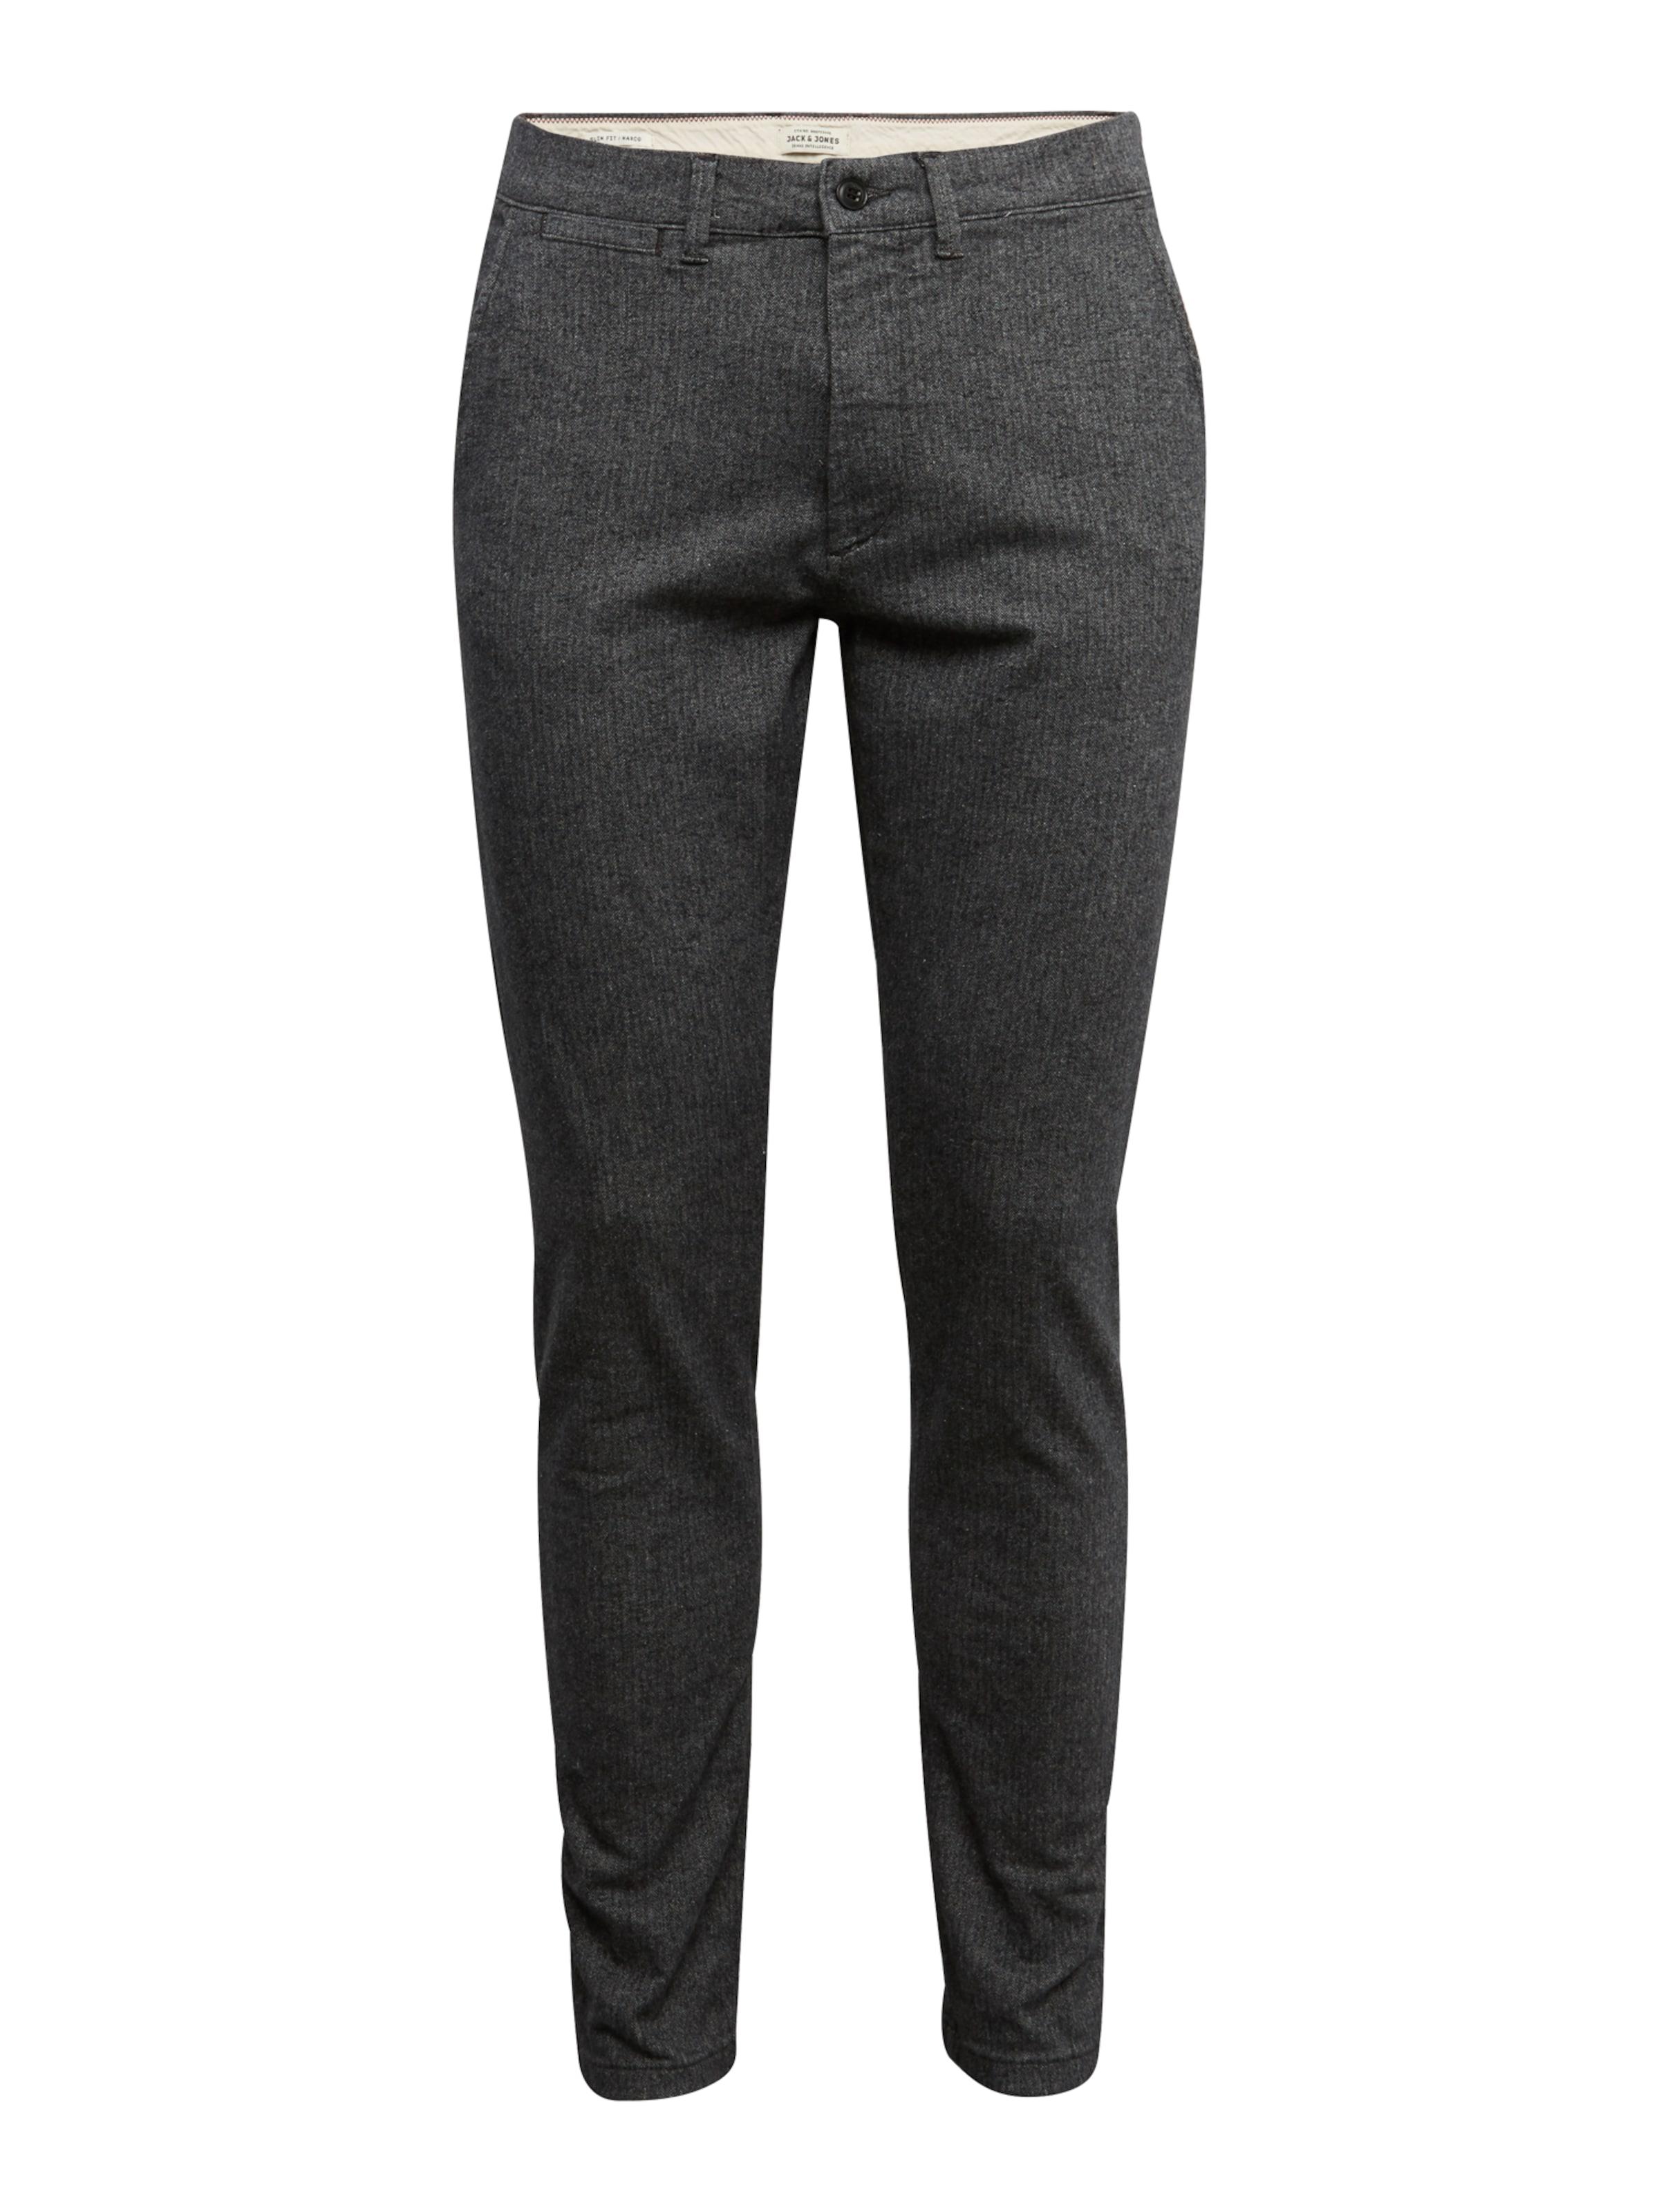 Foncé 'marco Pantalon Jackamp; 269' Gris En Chino Charles Jones Akm hdxtBsQCro